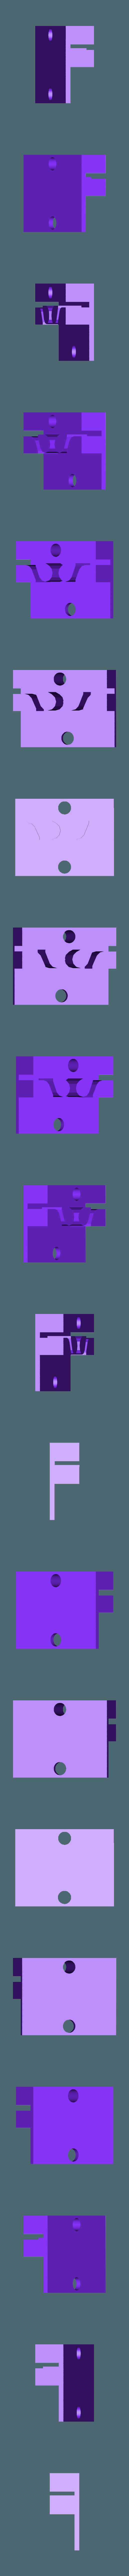 GT2-belt-lock.stl Télécharger fichier STL gratuit Pièces 3D pour l'imprimante Ceramic DIY • Objet à imprimer en 3D, fgeer